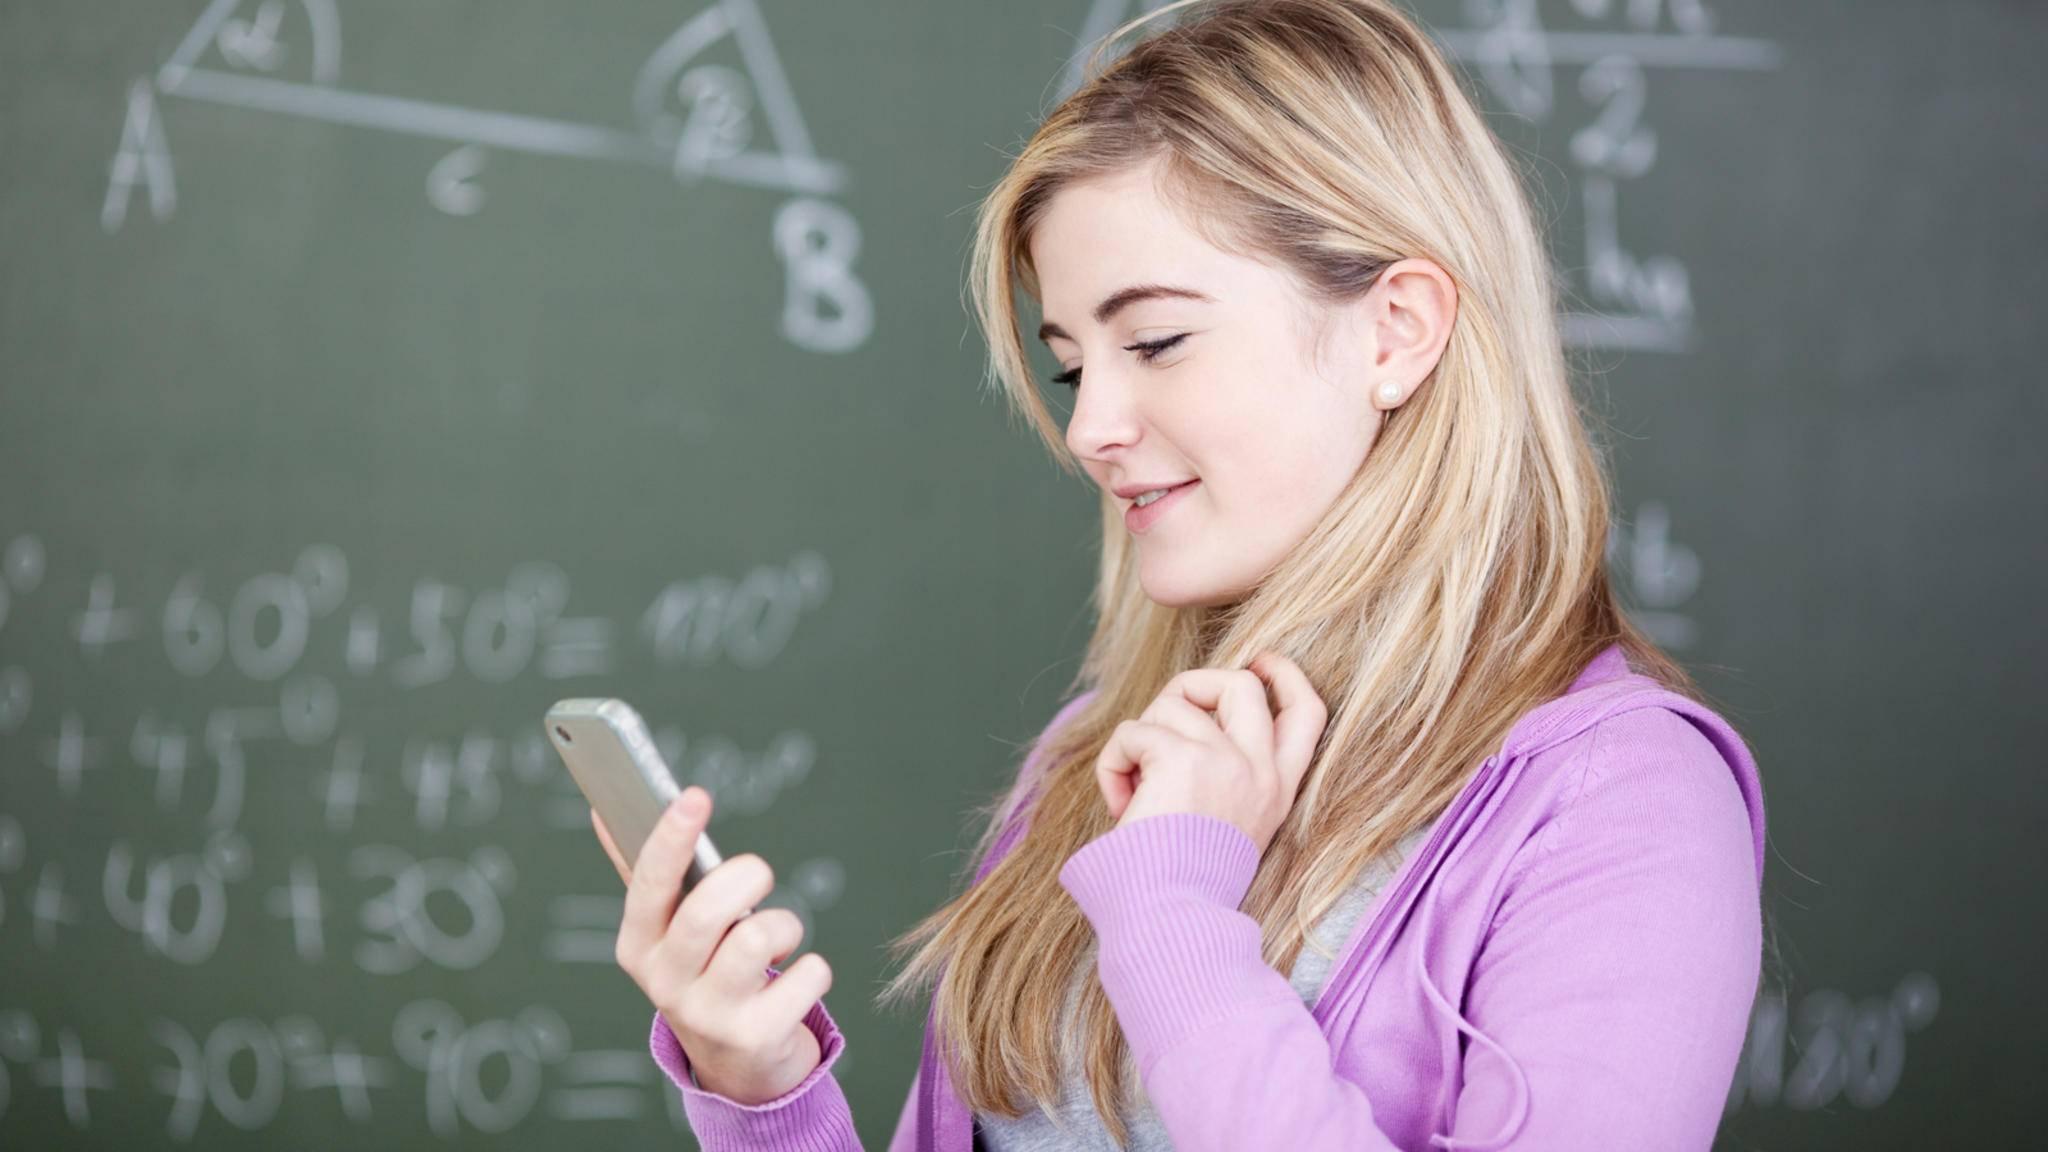 Schule-Smartphone-App-contrastwerkstatt-AdobeStock_27072995